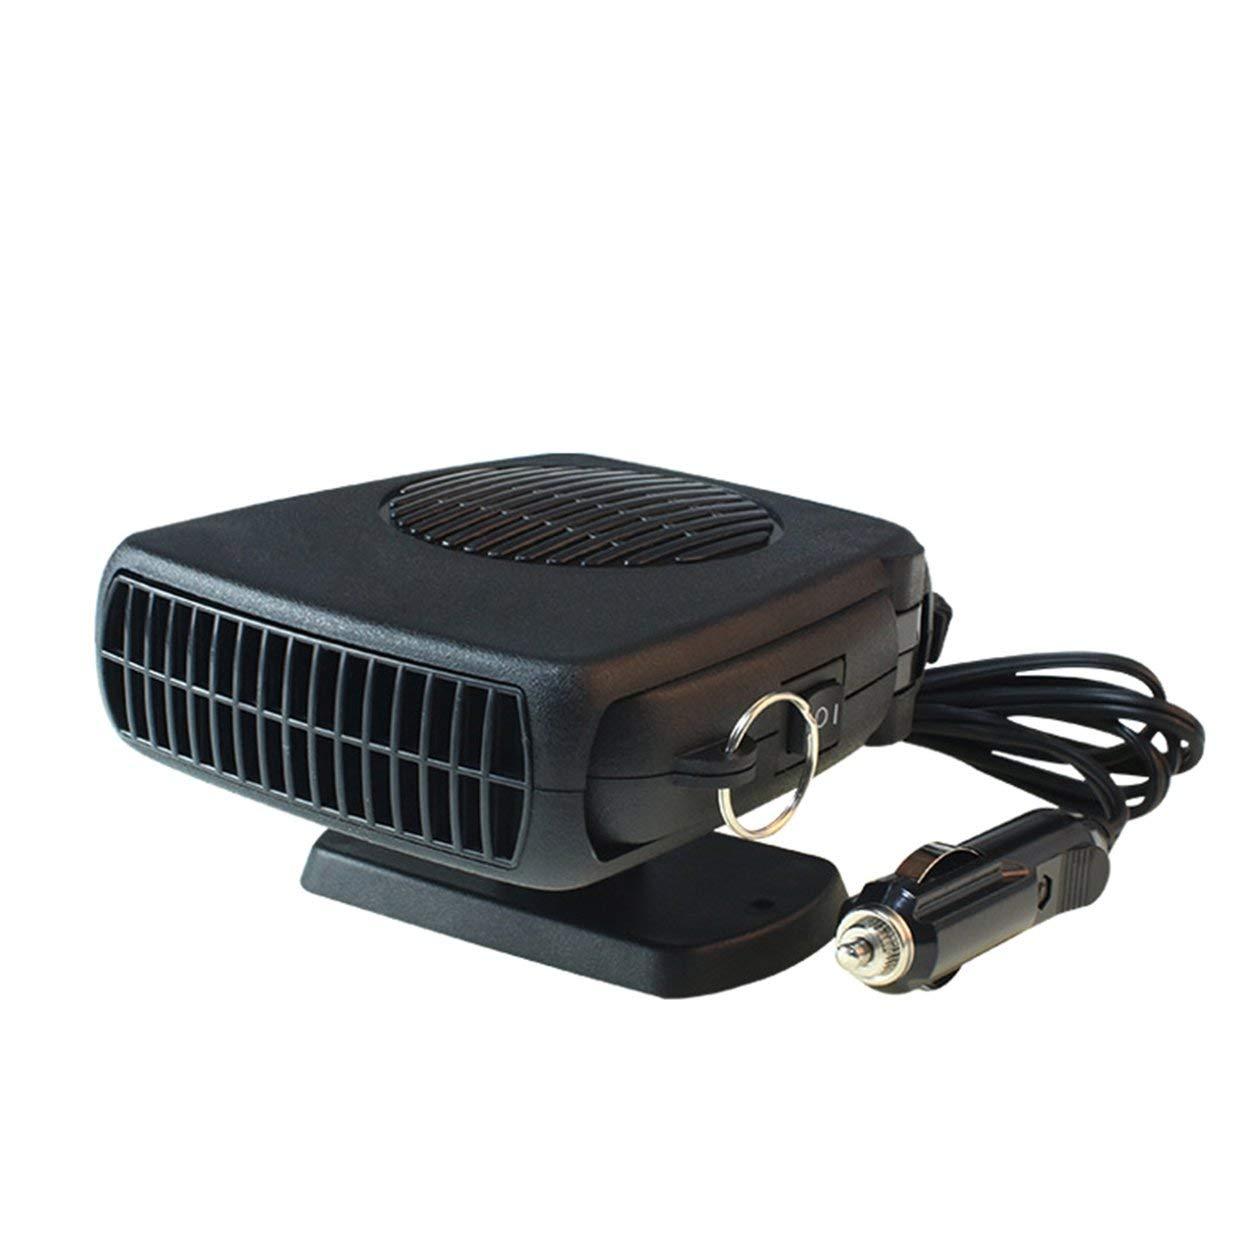 Acquisto Tree-on-Life Mini Portatile riscaldatore per Auto 12 Volt Elettrico per Veicoli da Viaggio Ventola Maniglia per Parabrezza Vetro sbrinatore Demister Prezzi offerte